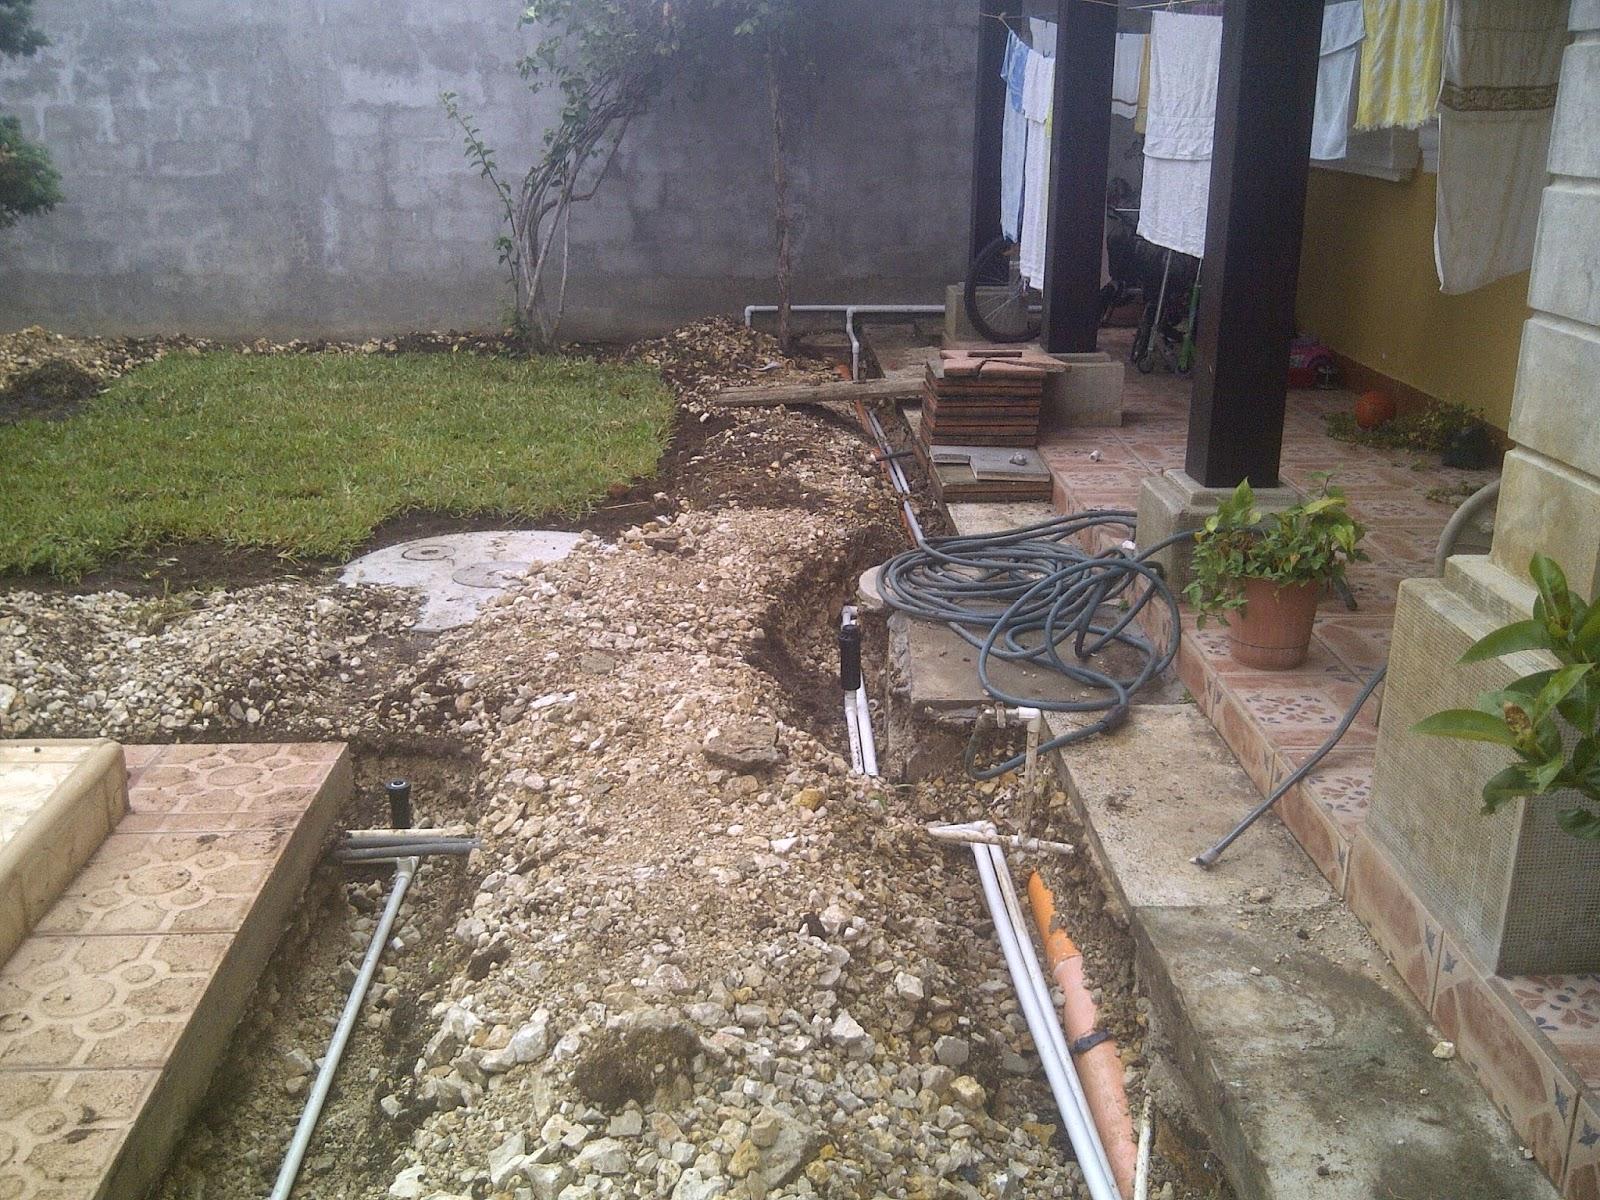 Bombas y riegos de guatemala sistema de aspersi n para jardin for Instalacion riego automatico jardin